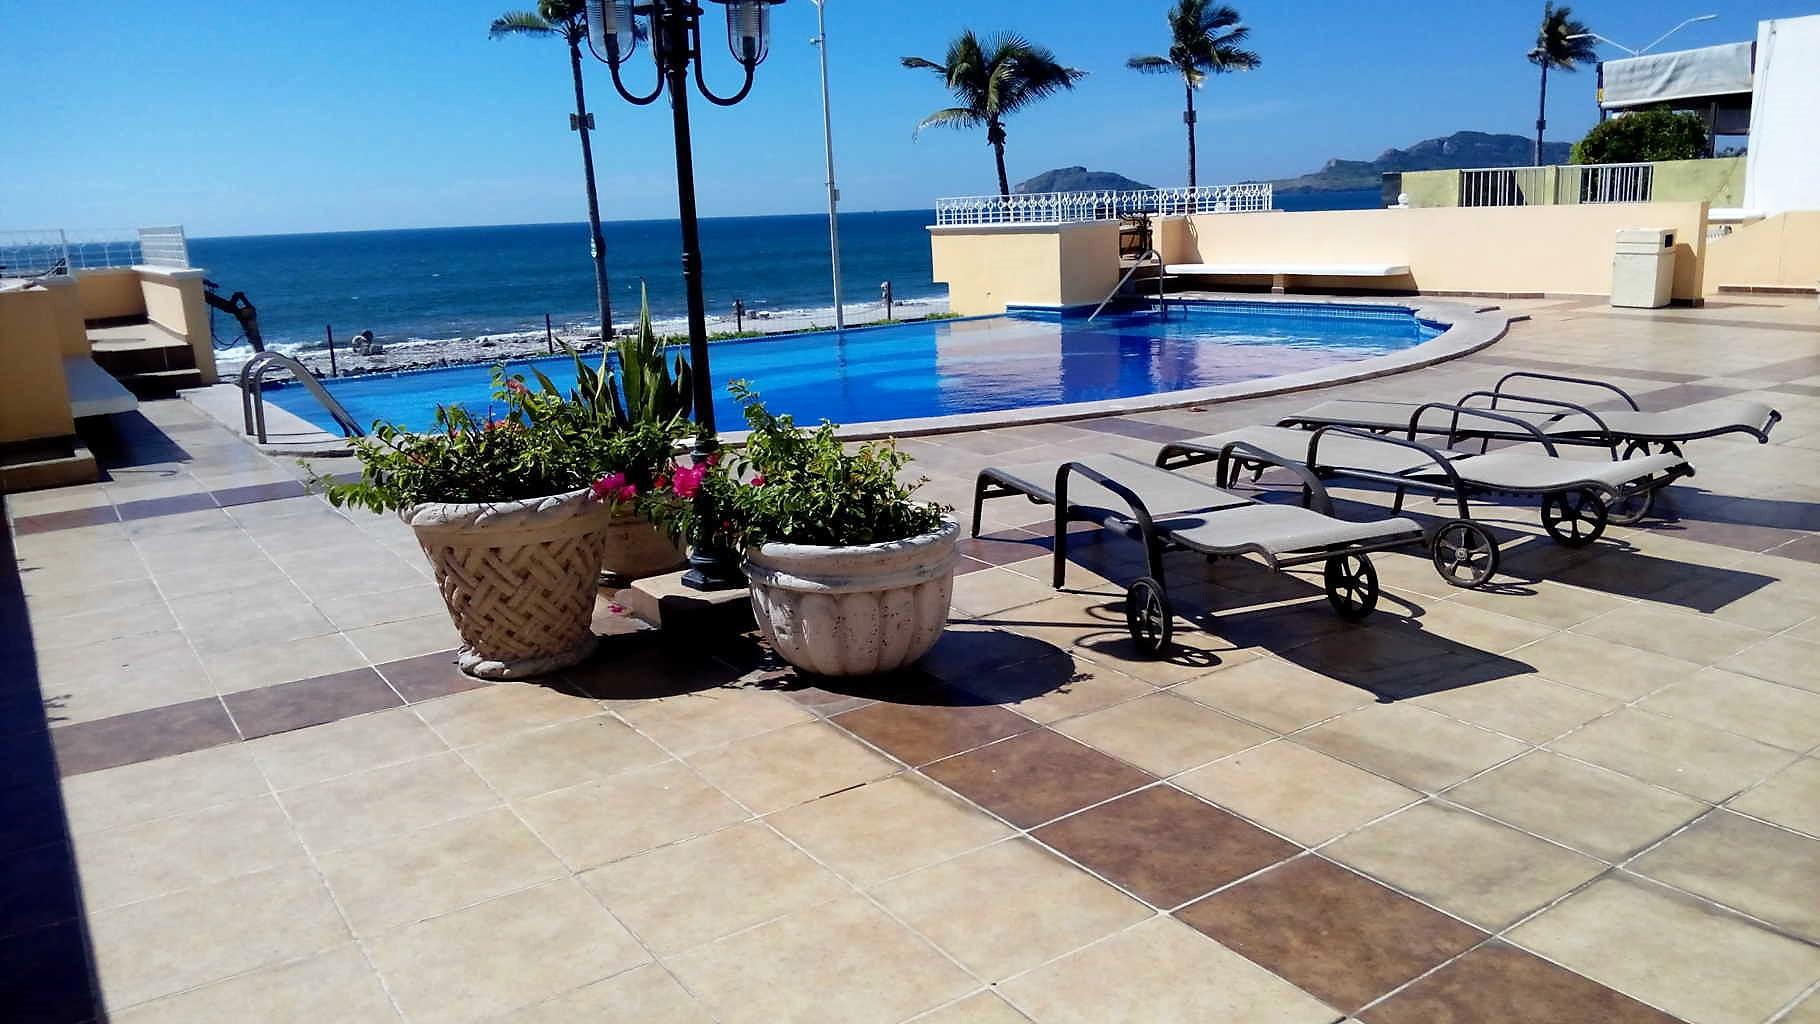 Condominio frente al Malecón con vista al mar – OPORTUNIDAD!